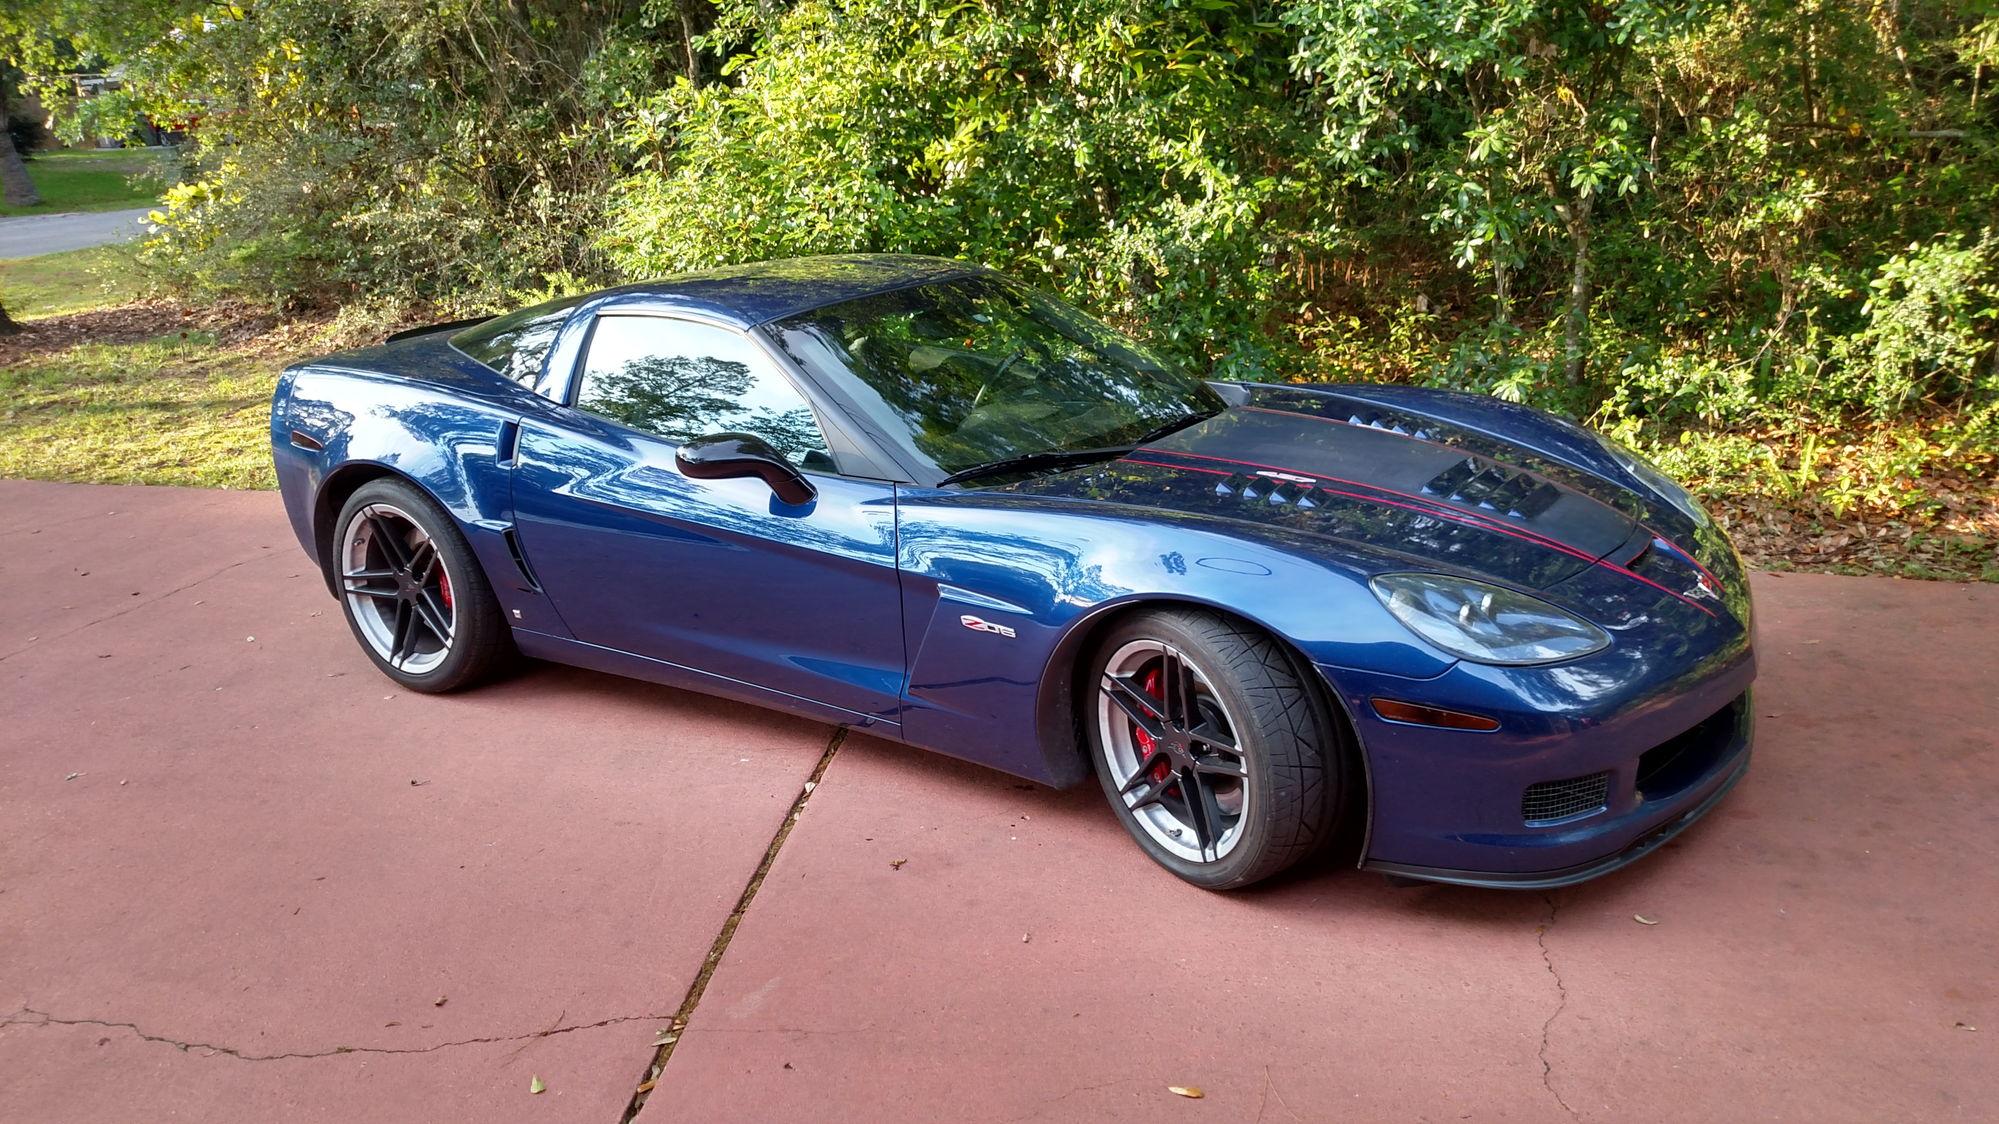 2007 lemans blue zo6 for sale corvetteforum chevrolet corvette forum discussion. Black Bedroom Furniture Sets. Home Design Ideas